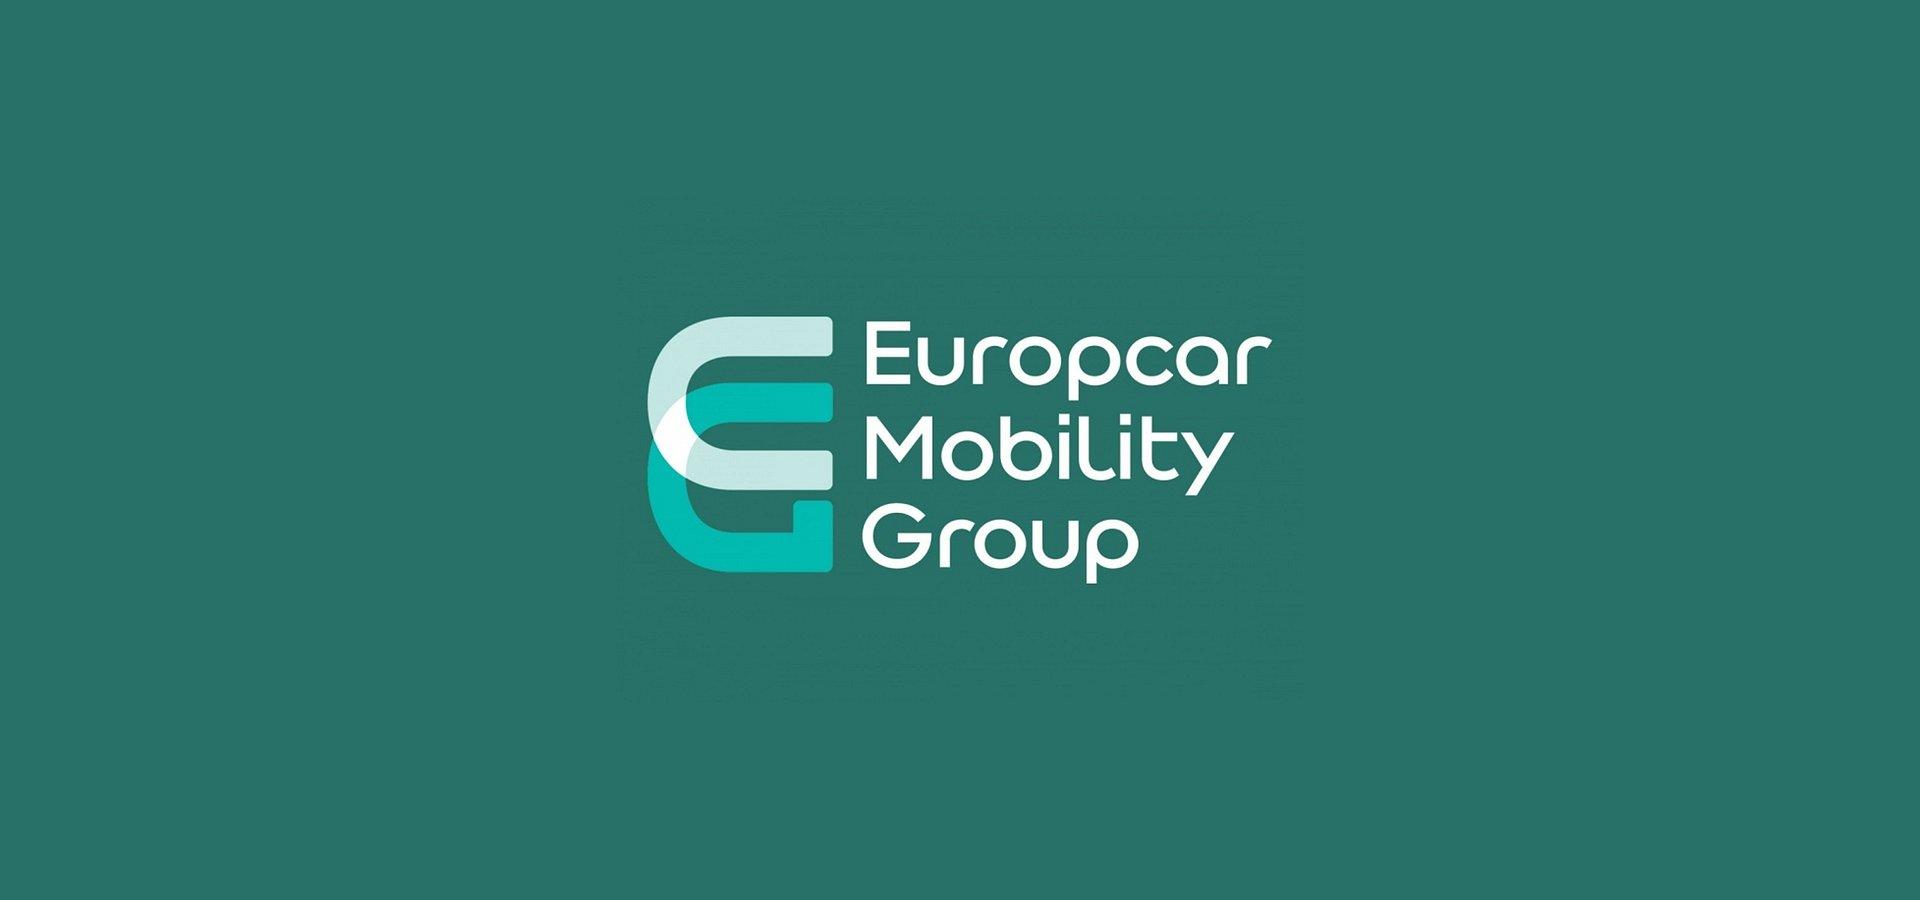 COVID-19: Europcar Mobility Group cria programa de ajuda à mobilidade na saúde e retalho